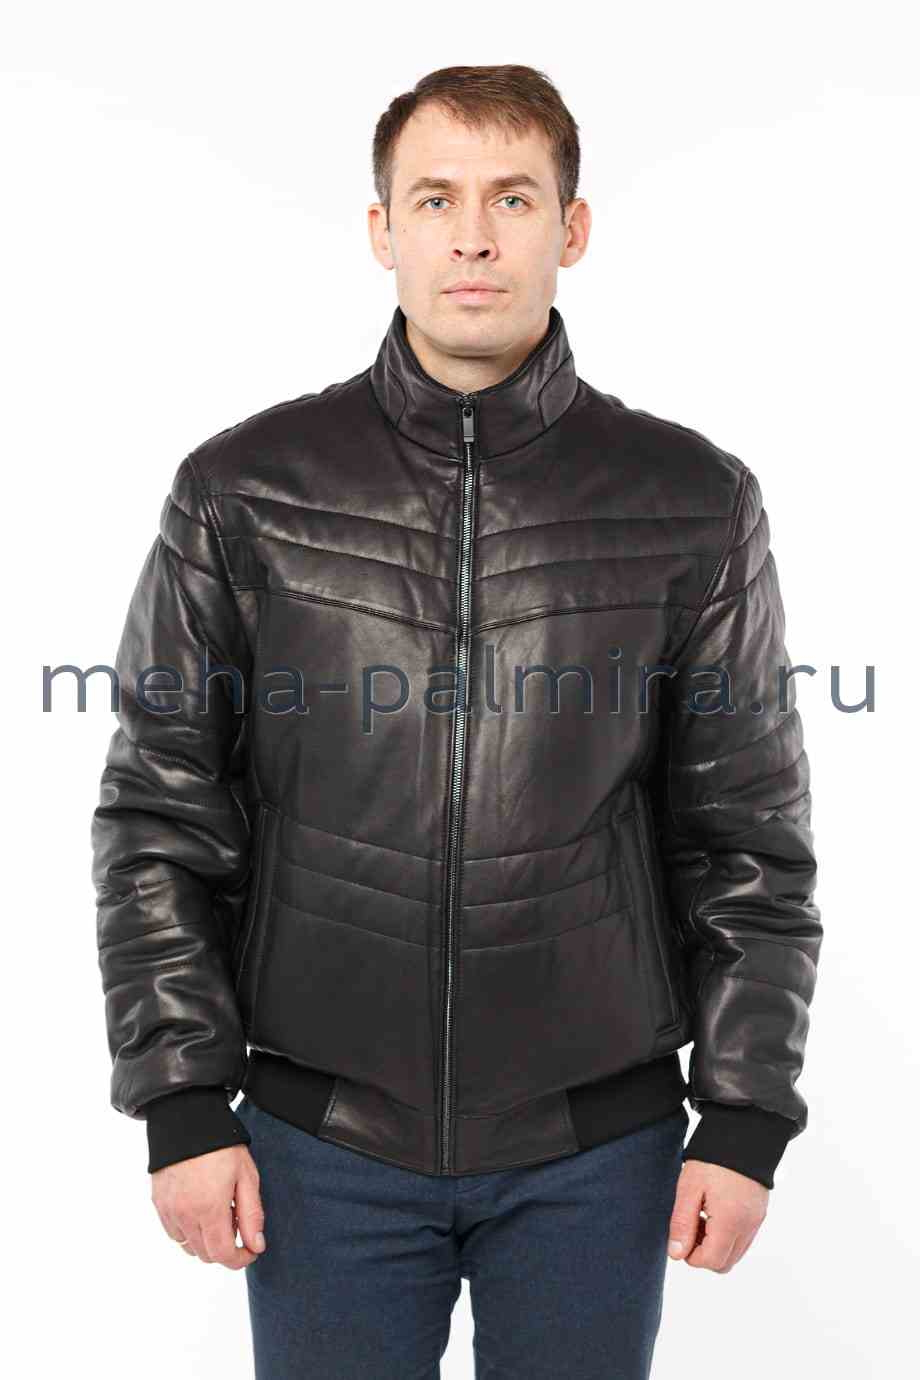 Утеплённая мужская кожаная куртка